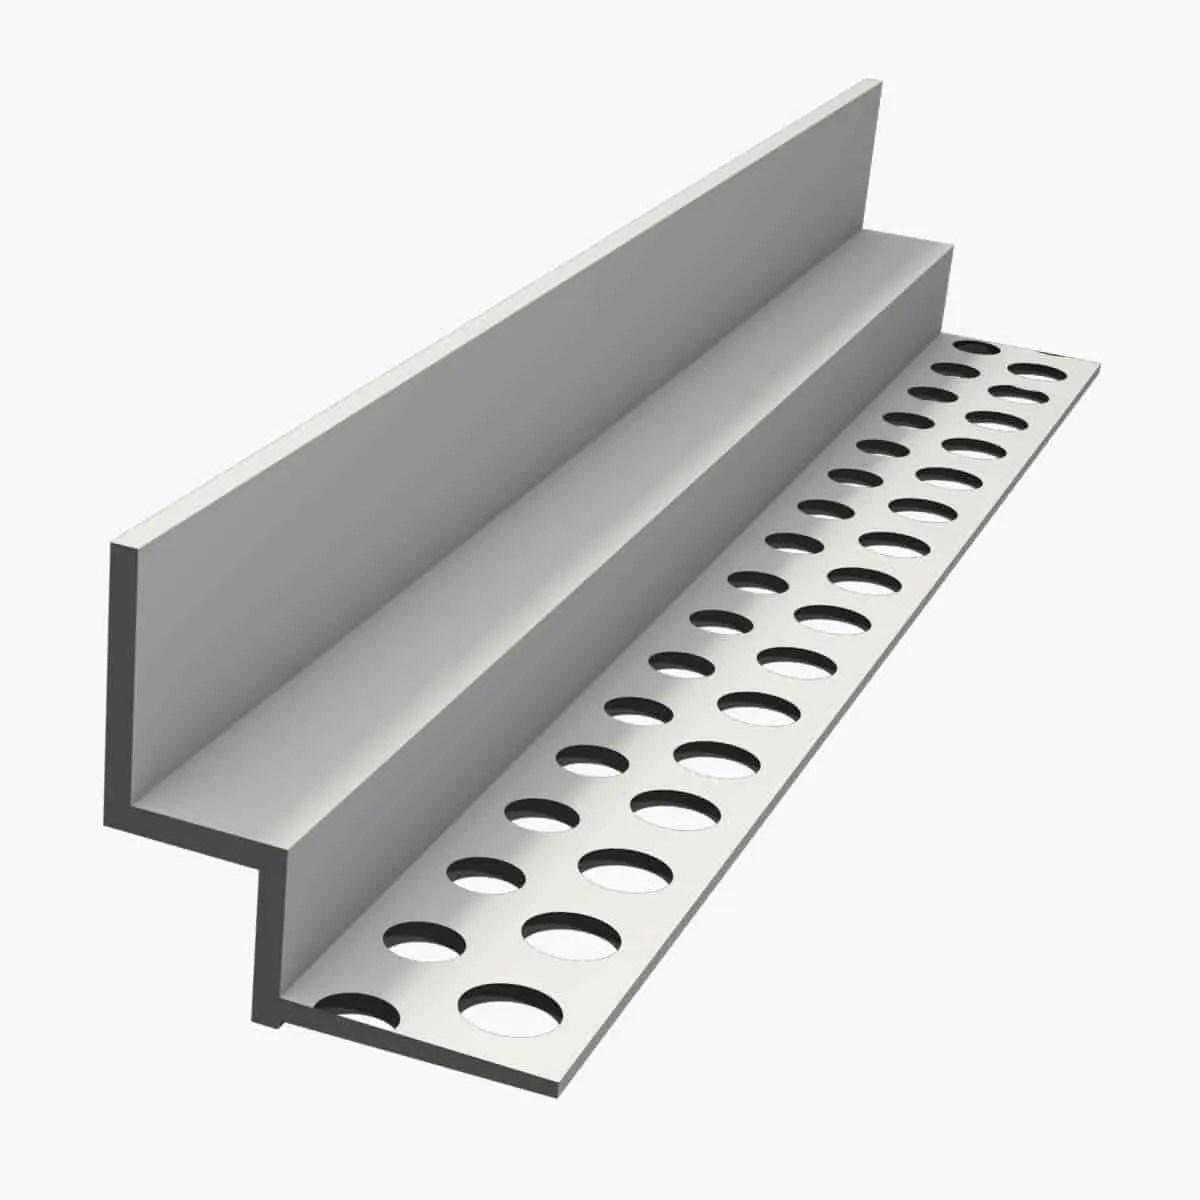 Tempolistel A126 Profile W Pour Faux Plafond Aluminium